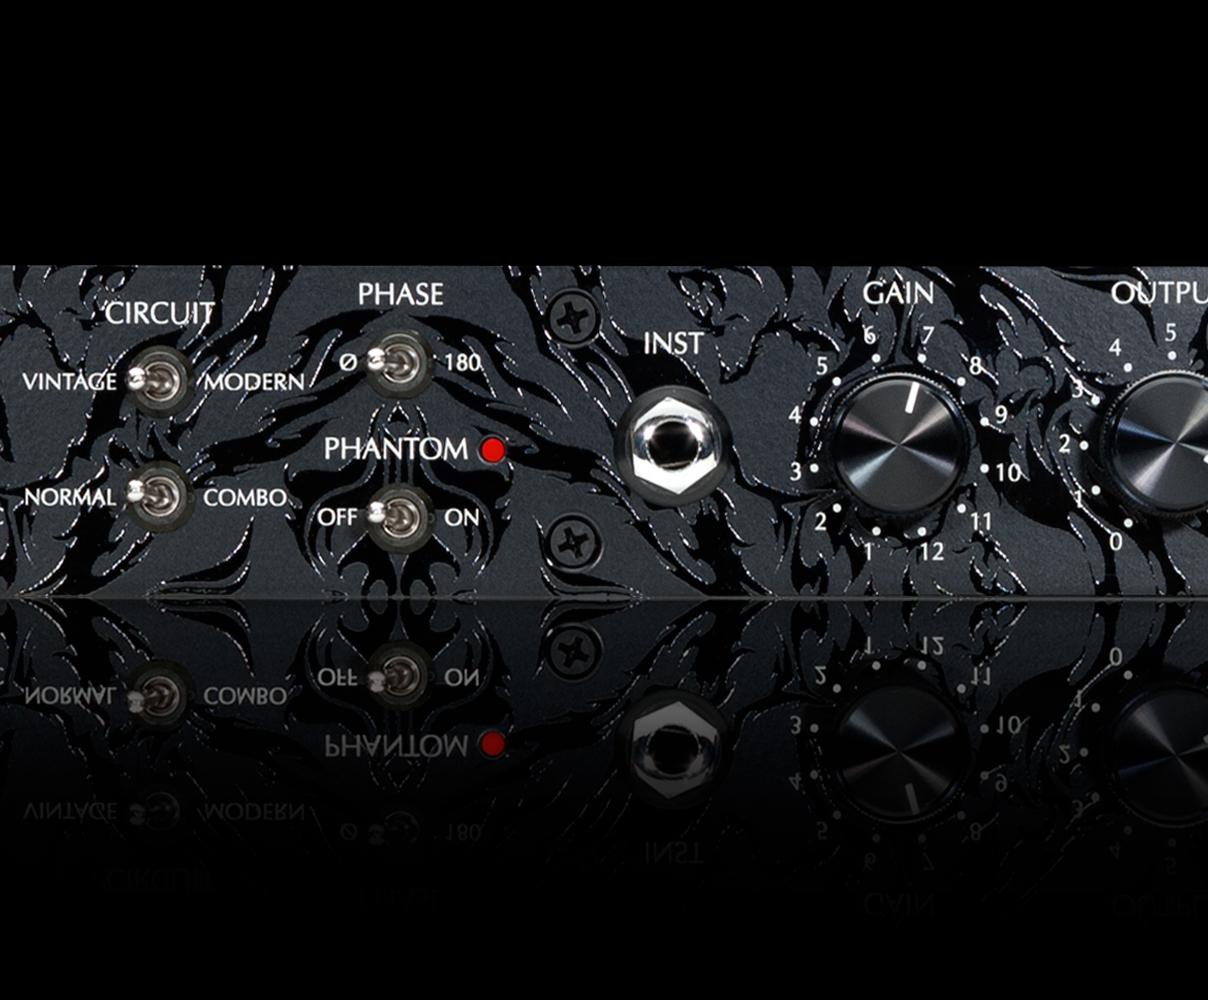 Raw image courtesy of Slate Pro Audio